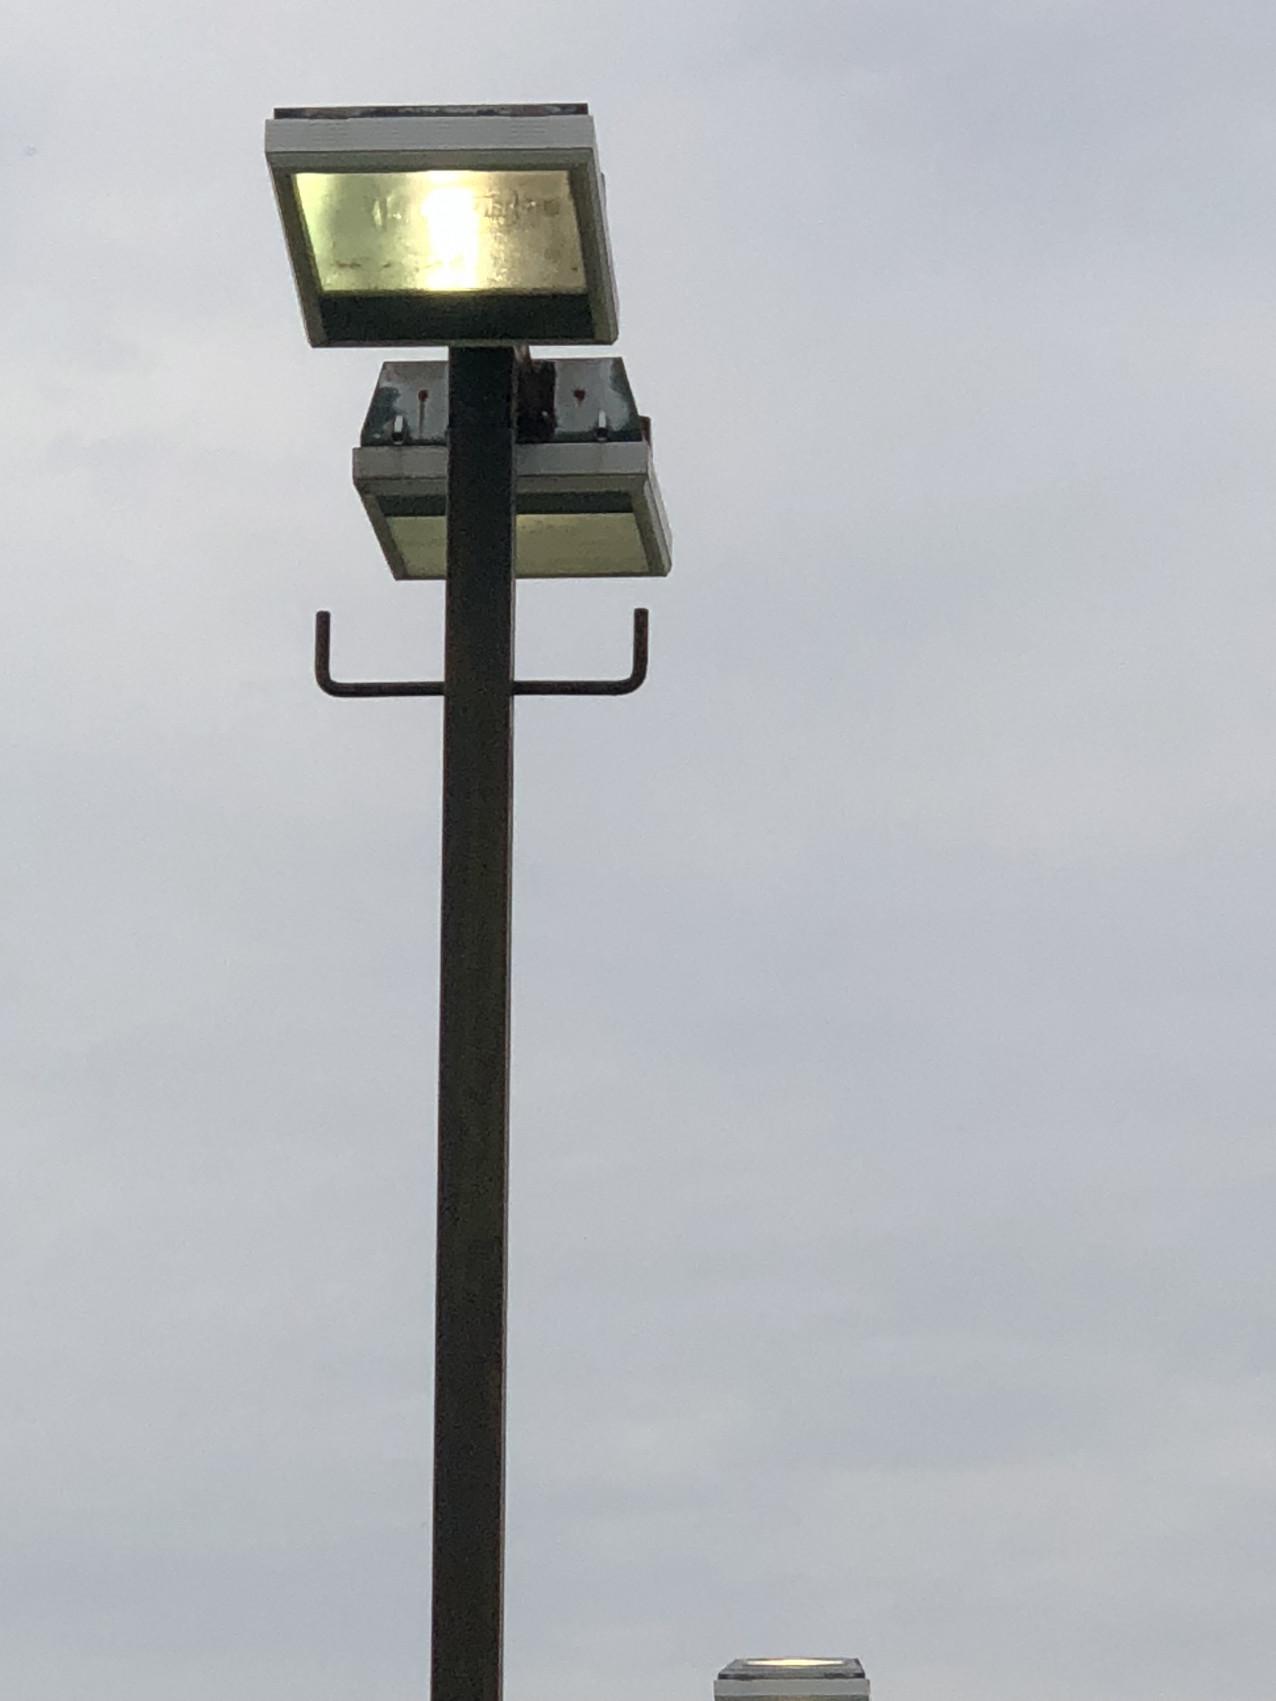 ガレージポール照明改修工事画像